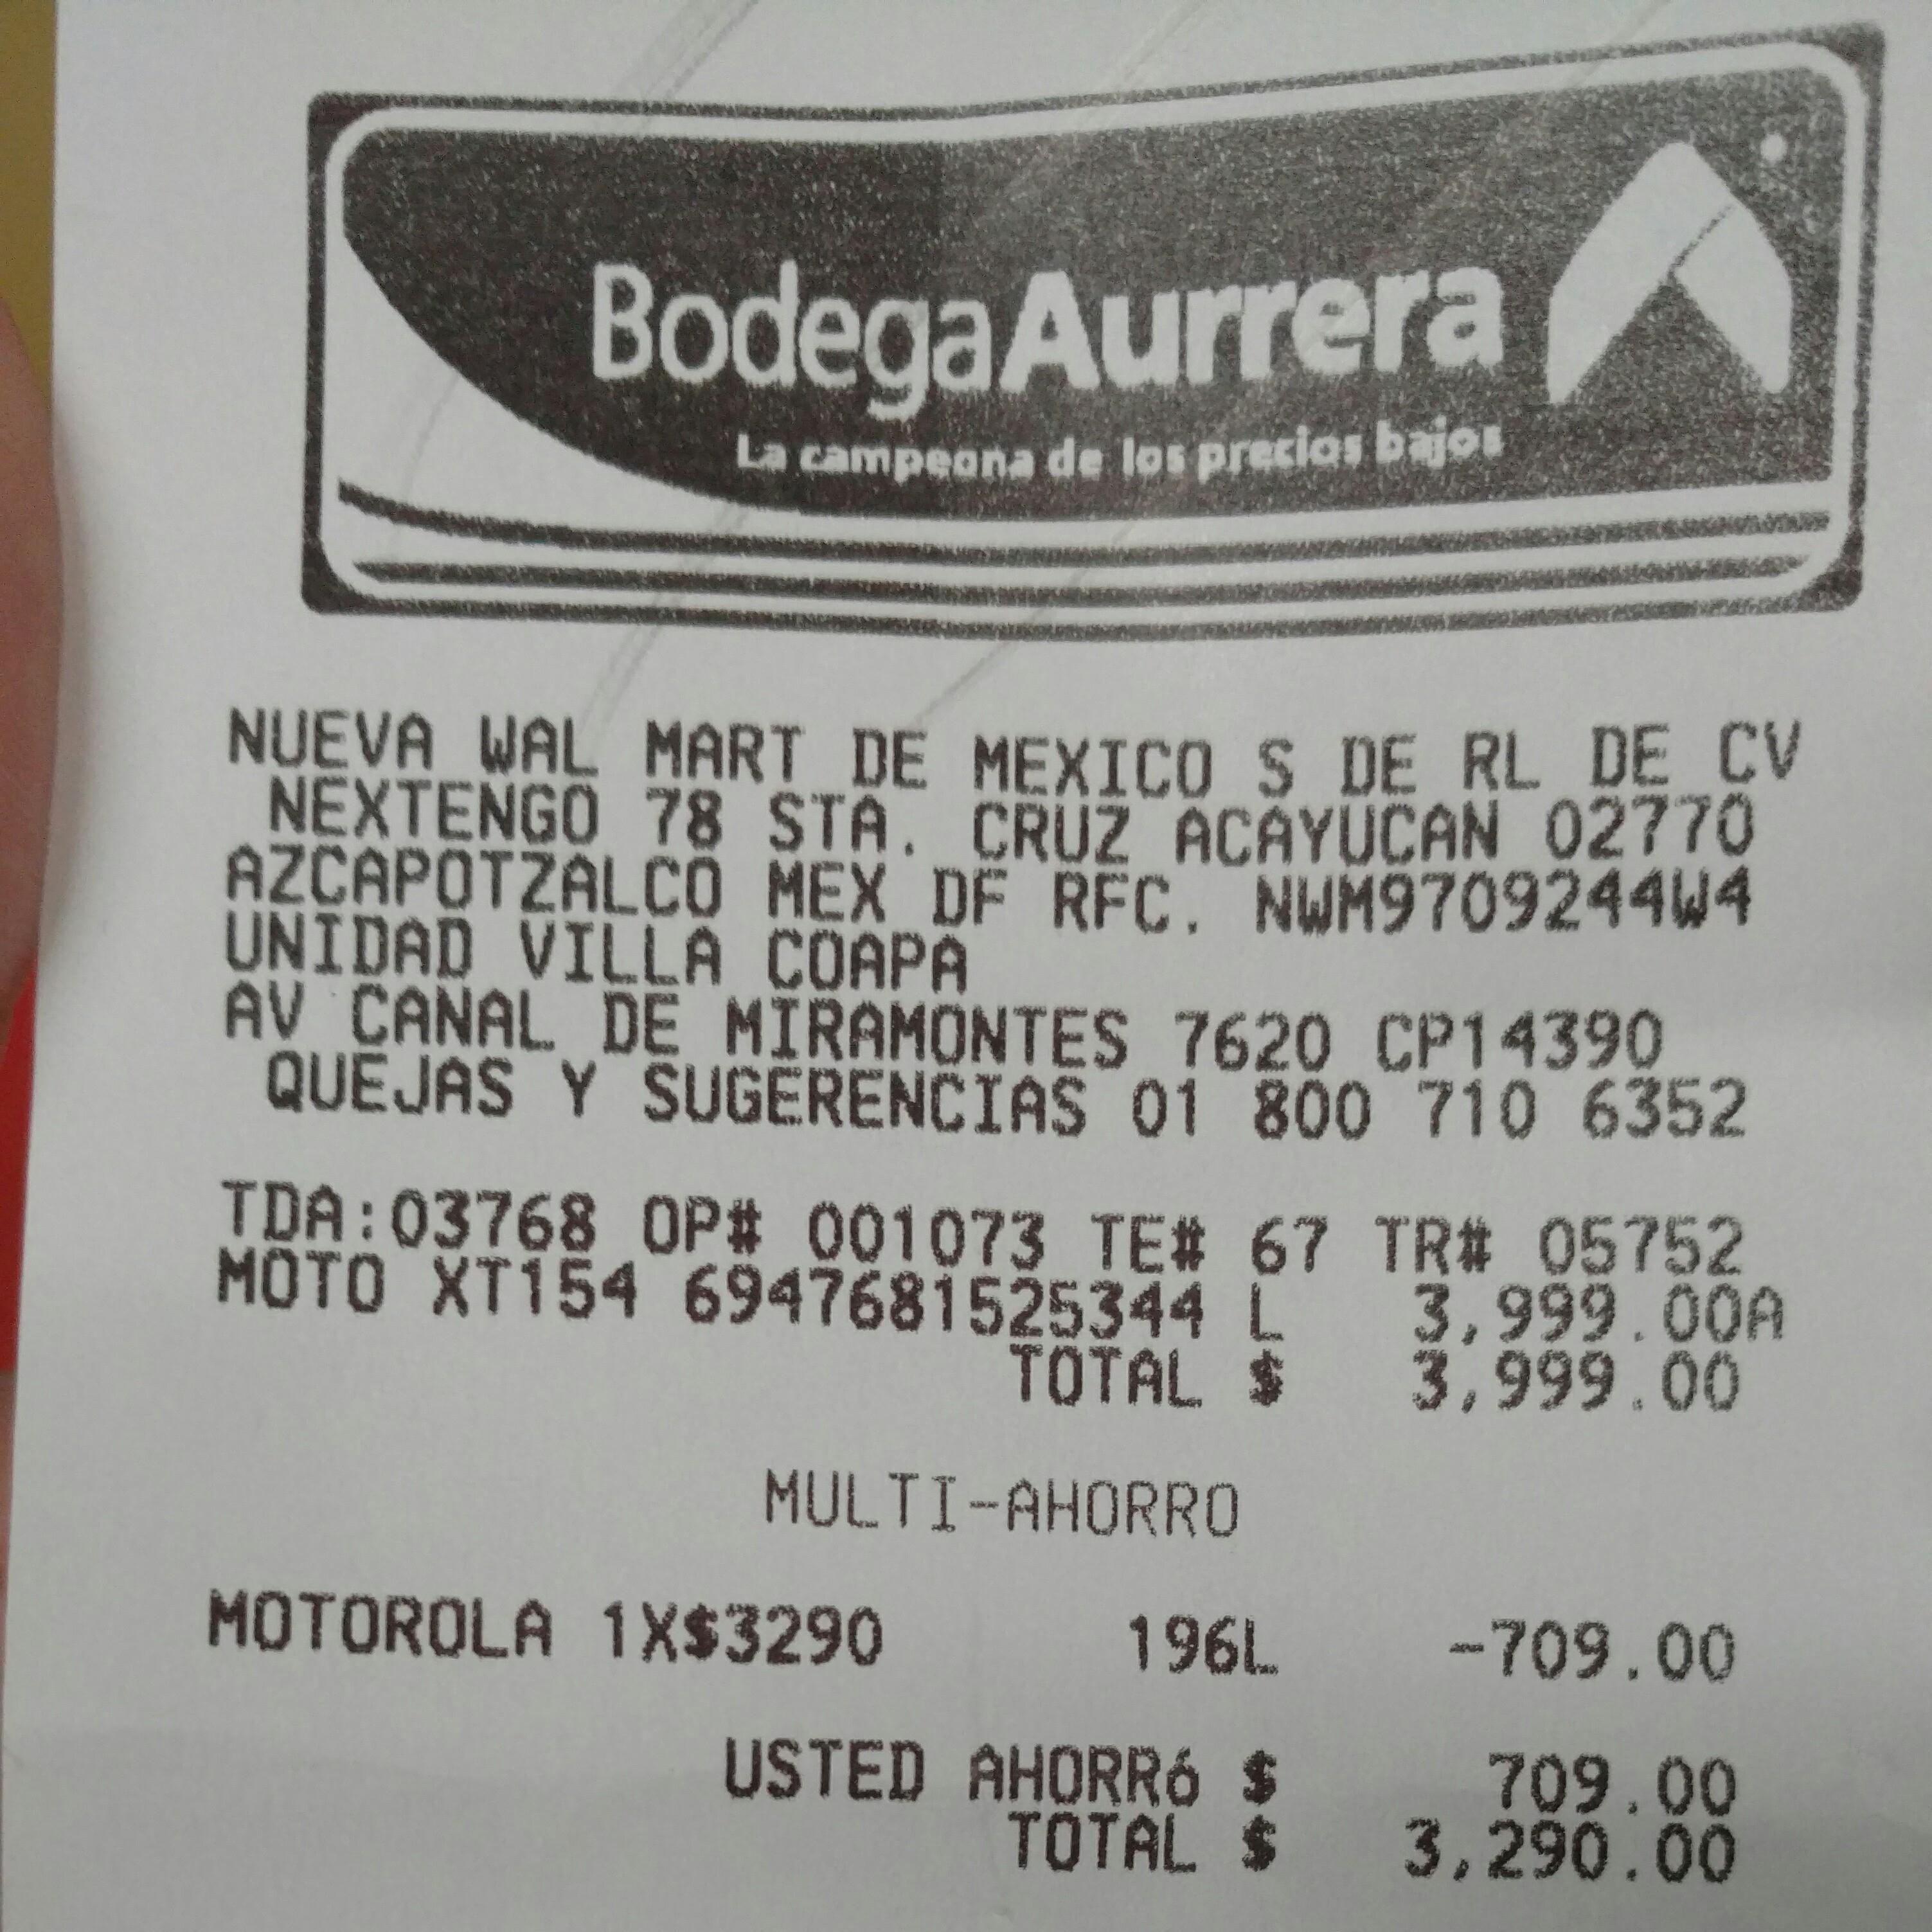 Bodega Aurrerá: Moto G 3a Generación 16GB en $3,290 y 2a Generación en $1,990